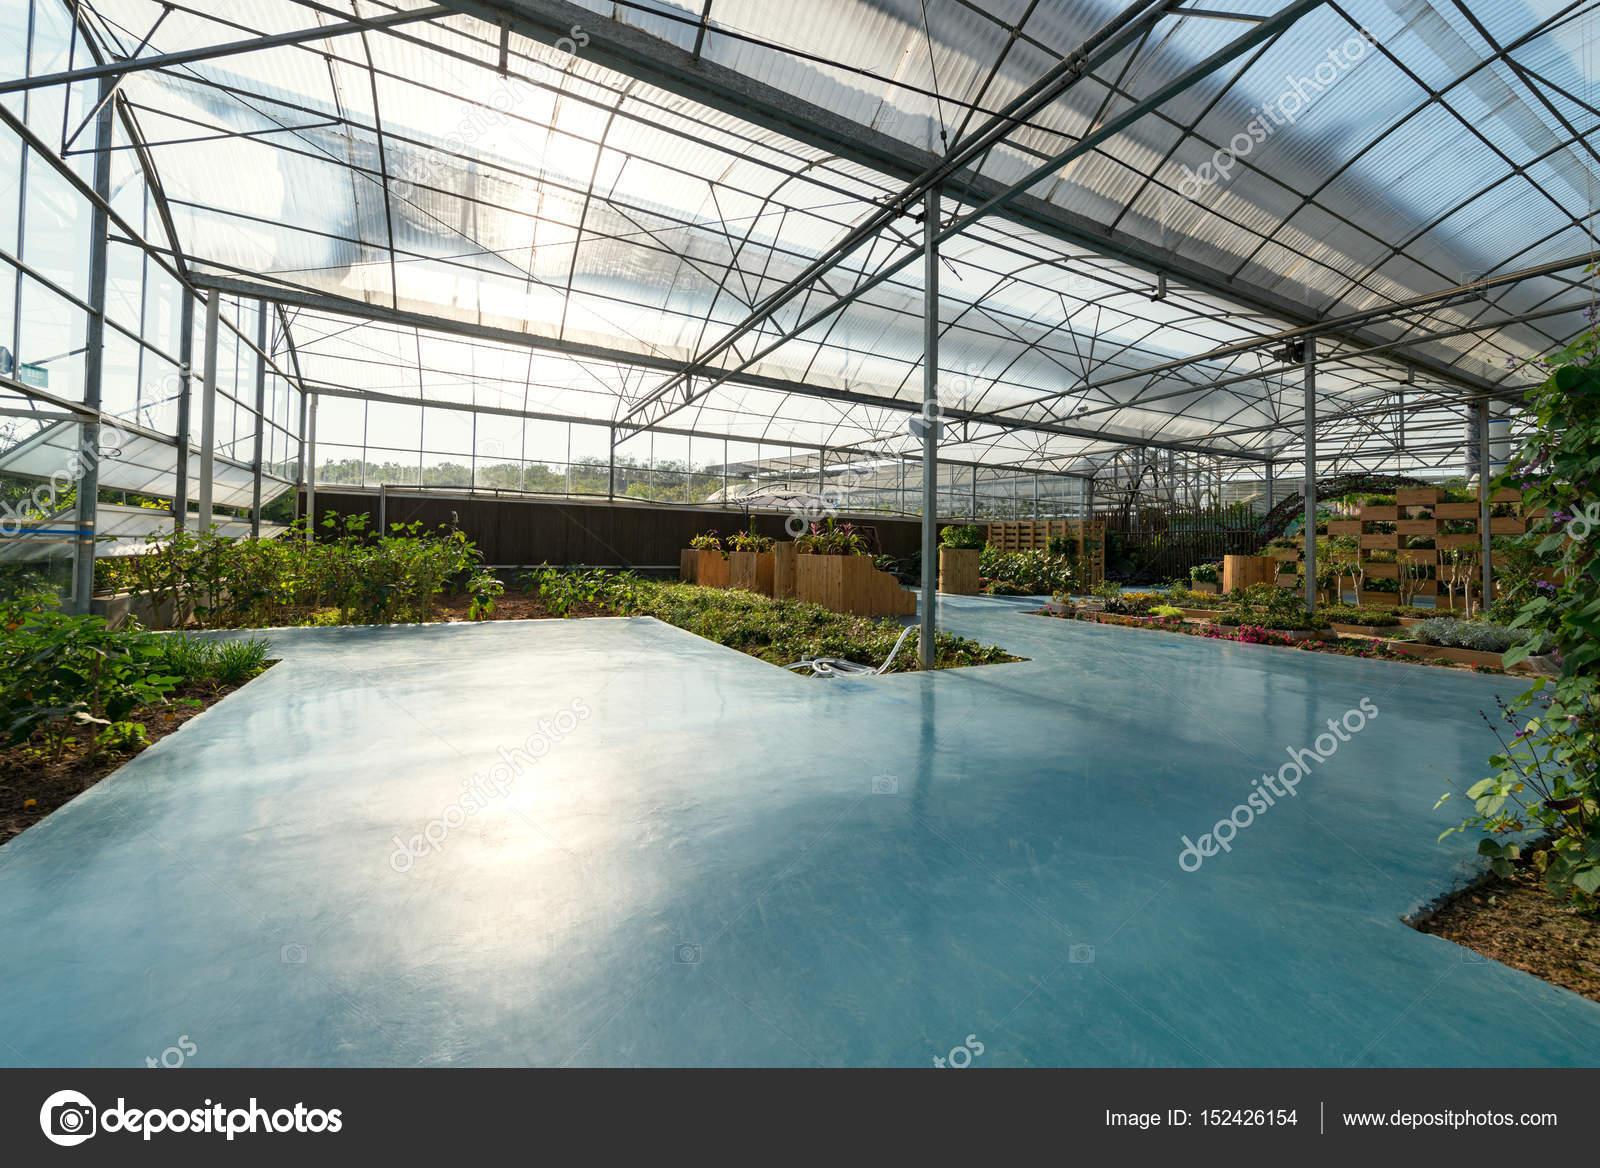 Ein Neues Gewachshaus Mit Beetpflanzen Stockfoto C Liufuyu 152426154